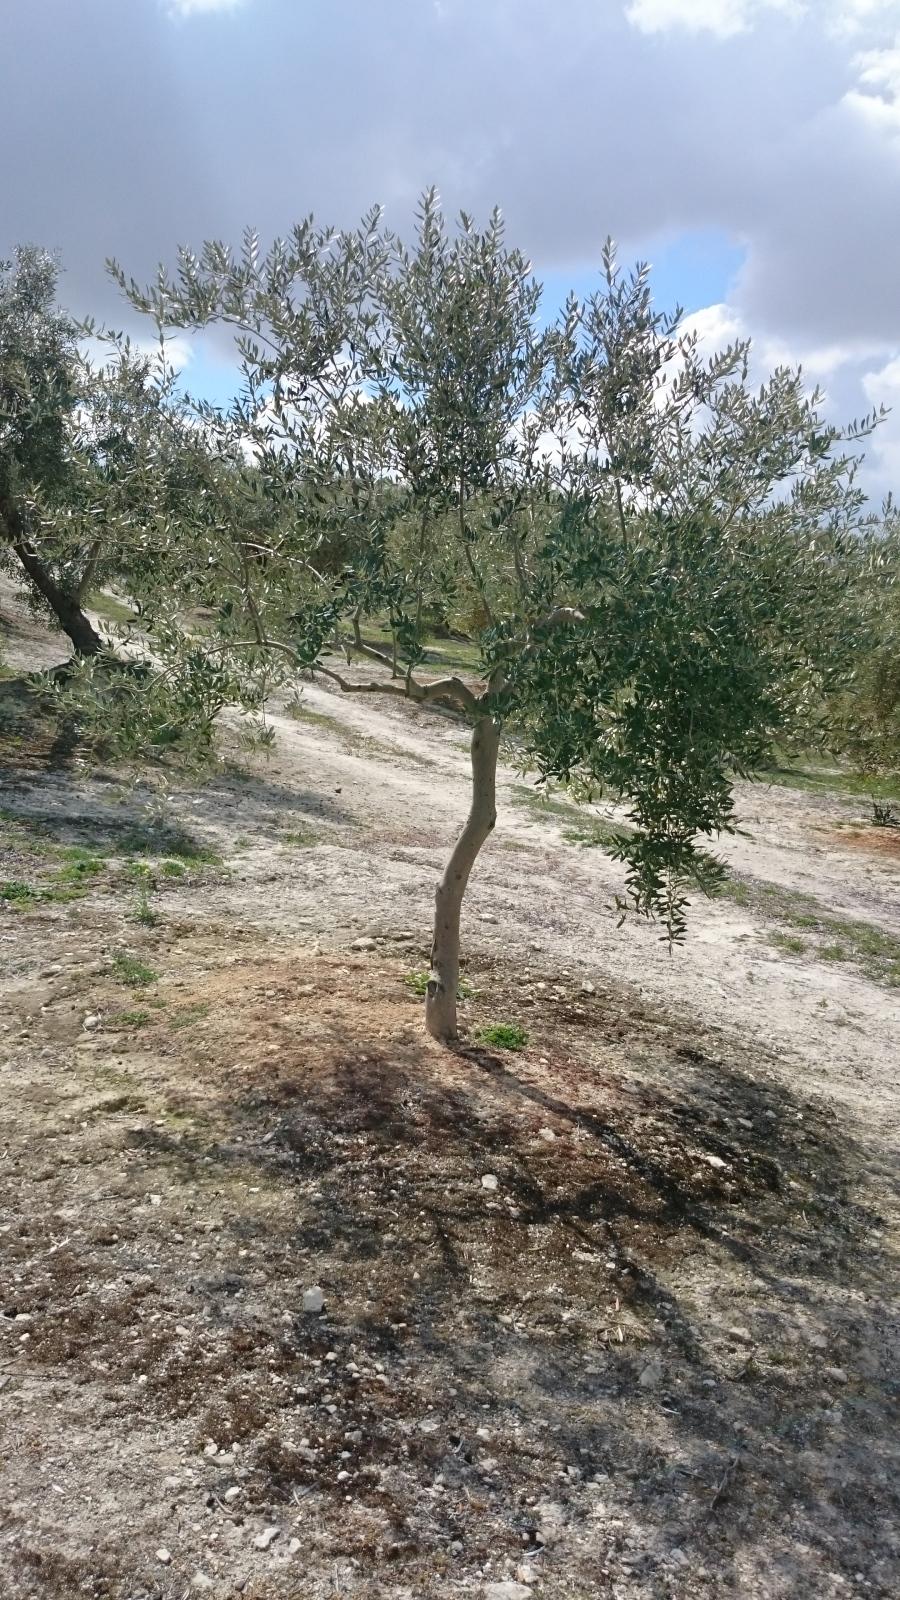 Crecimiento de plantones olivo - Página 9 11hgymr